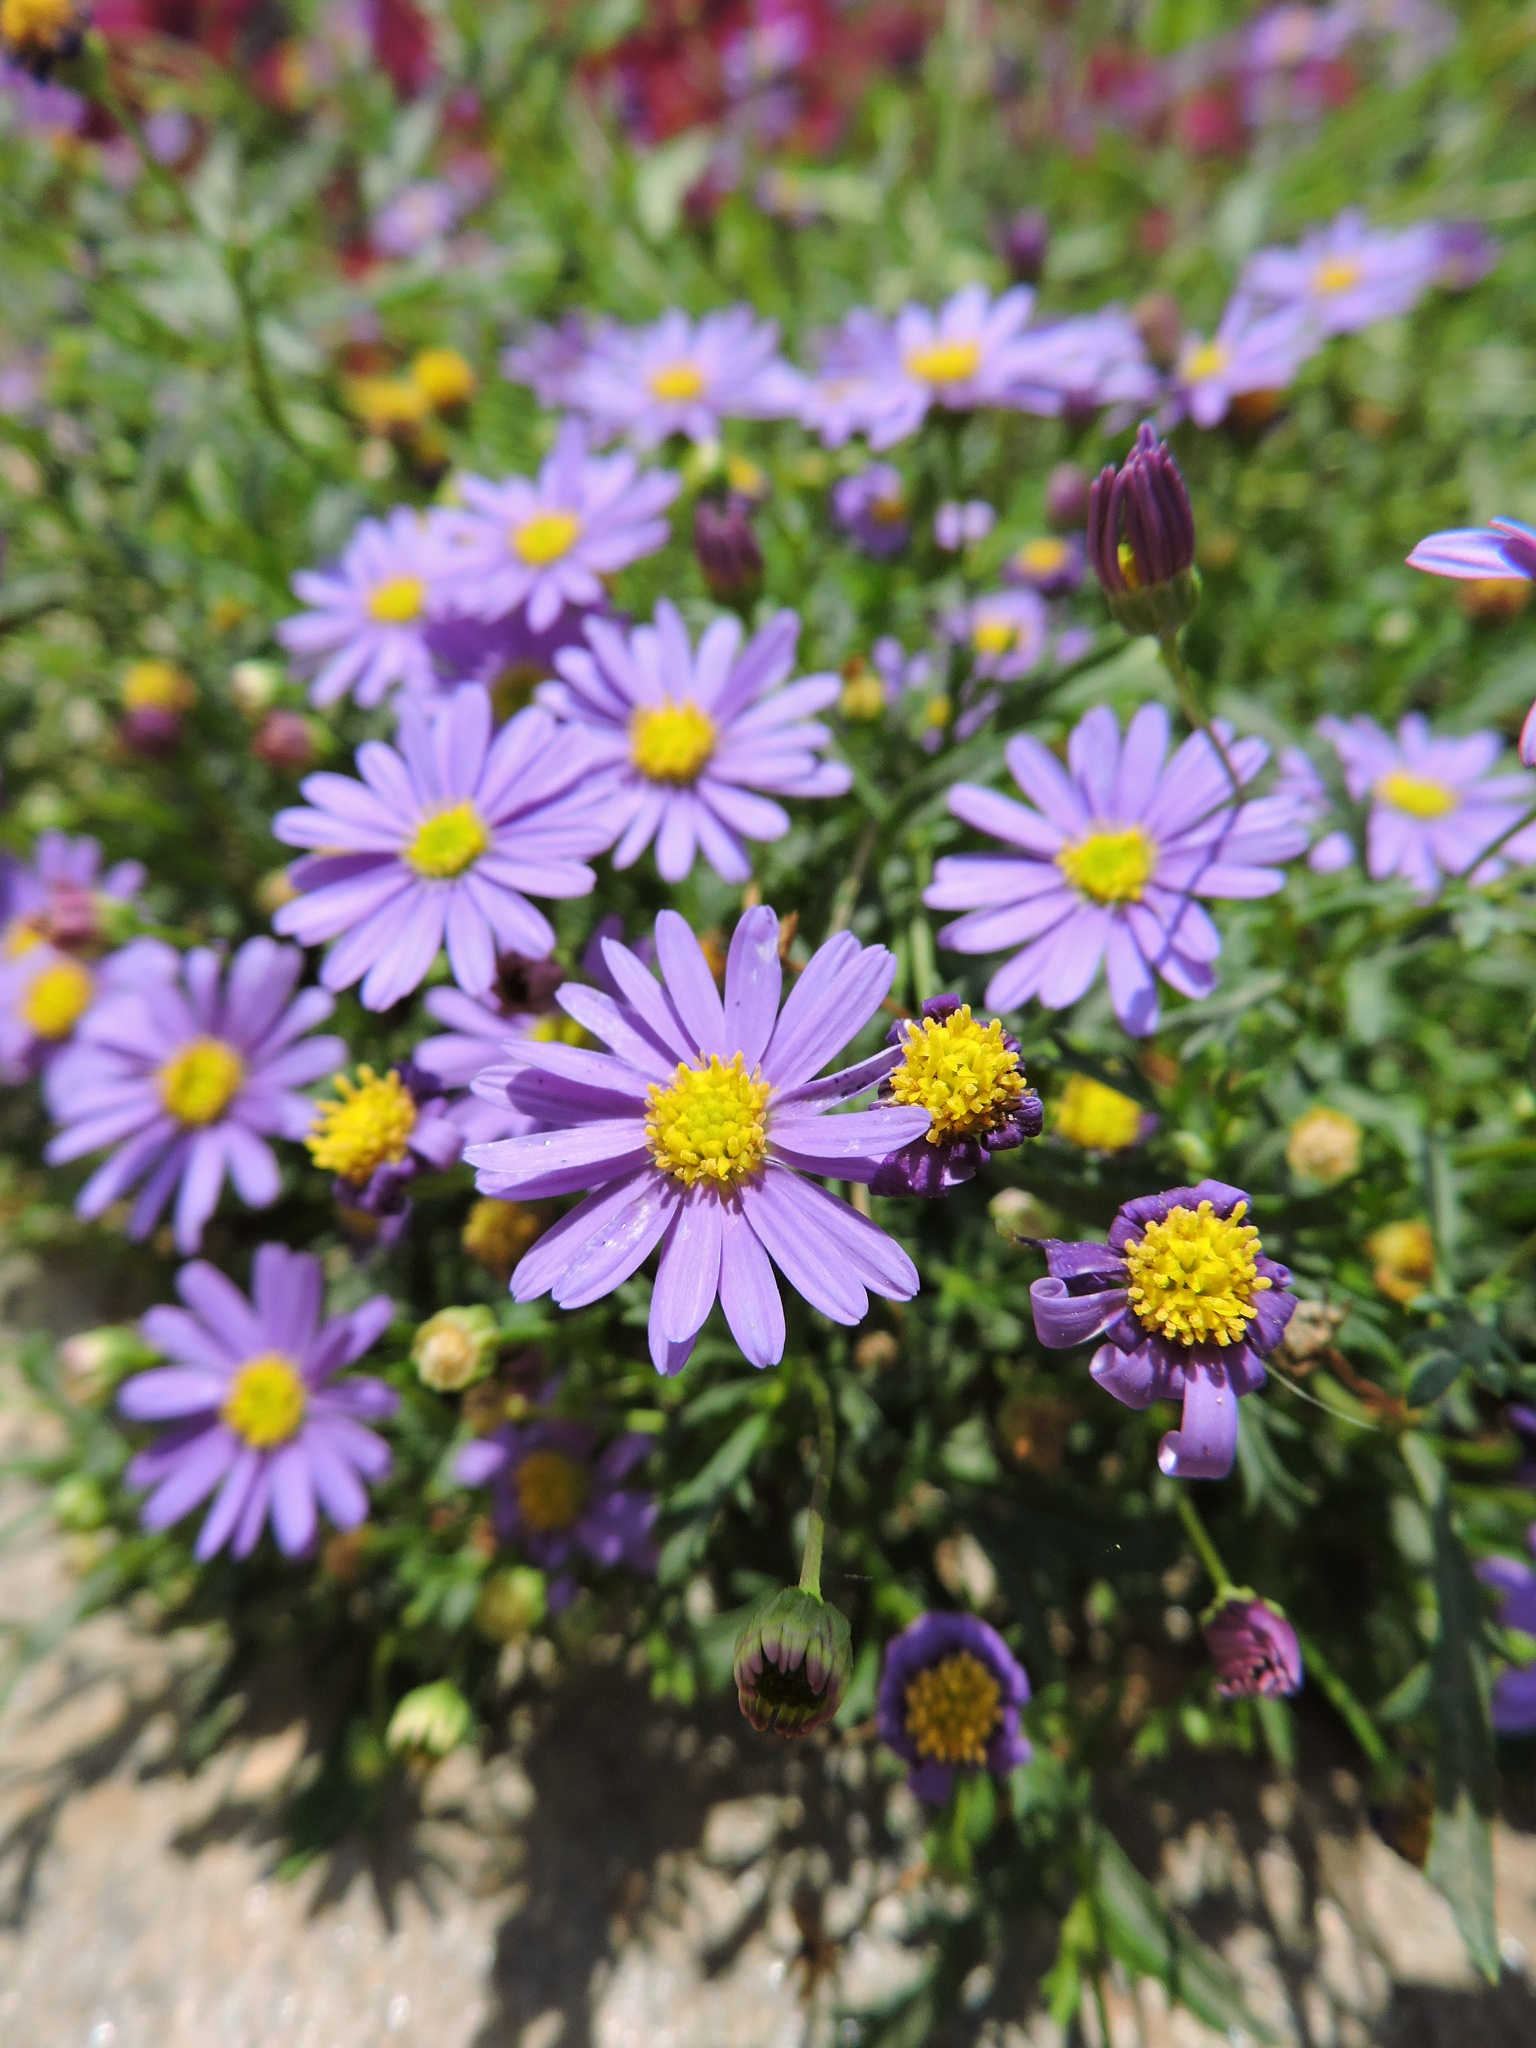 Flowers by DORUK